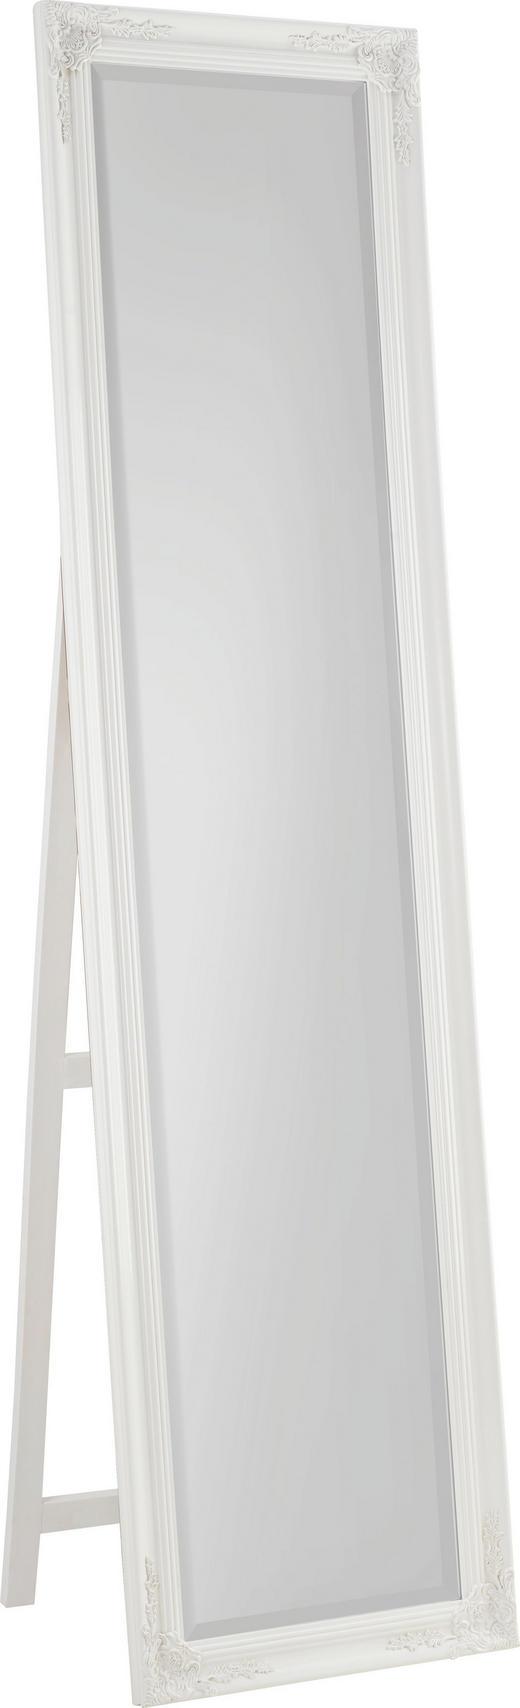 STANDSPIEGEL - Weiß, LIFESTYLE, Holz (45/180/3,3cm) - LANDSCAPE